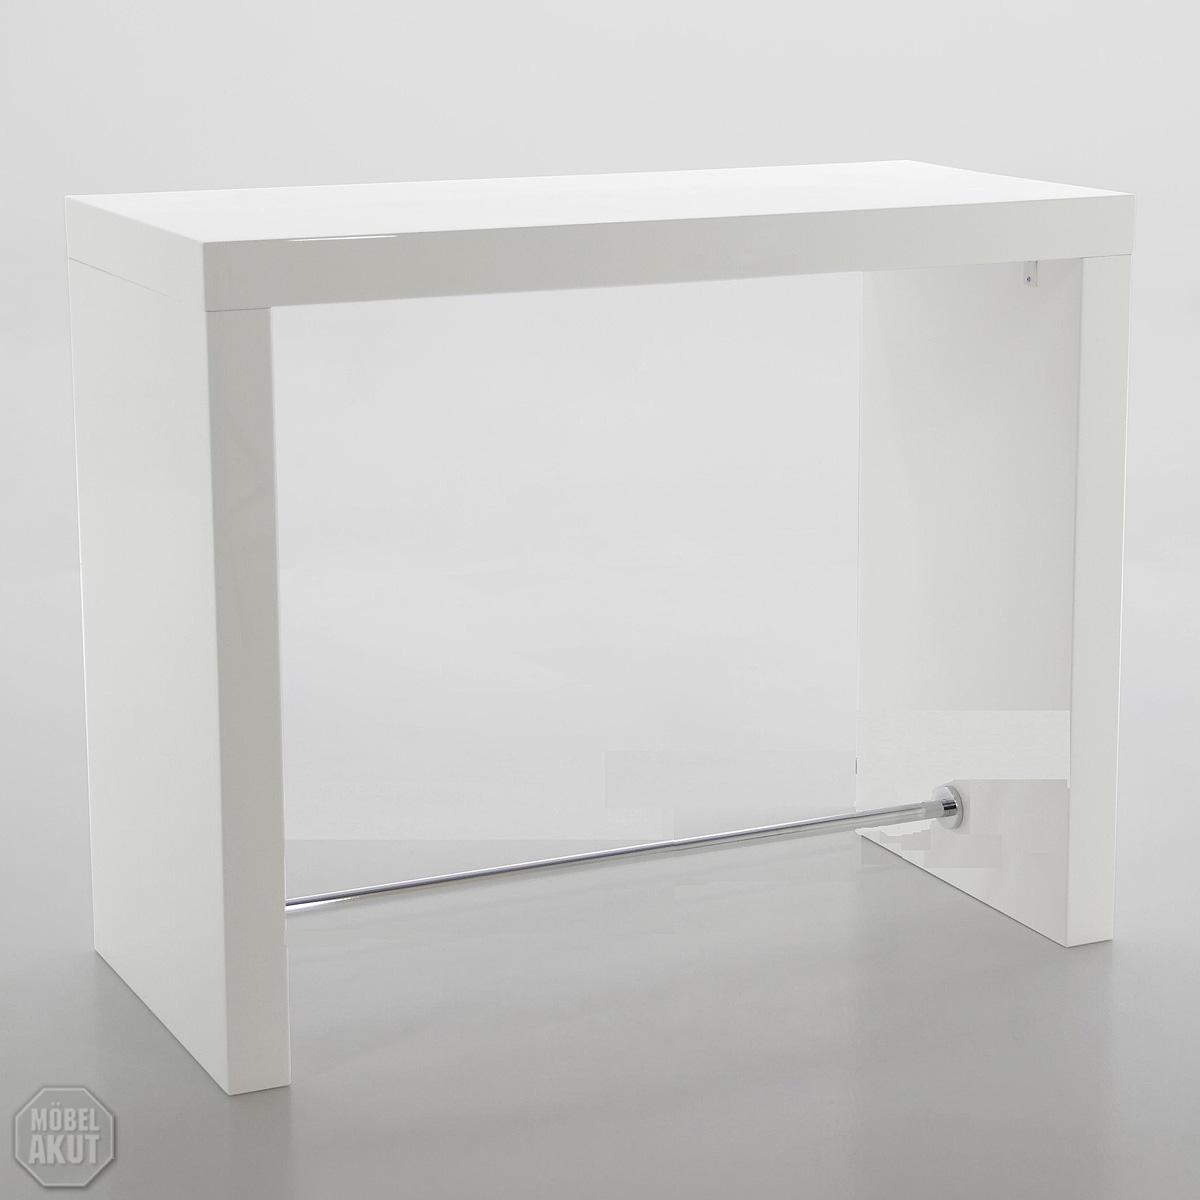 bartisch block tisch hochtisch in wei hochglanz lackiert. Black Bedroom Furniture Sets. Home Design Ideas